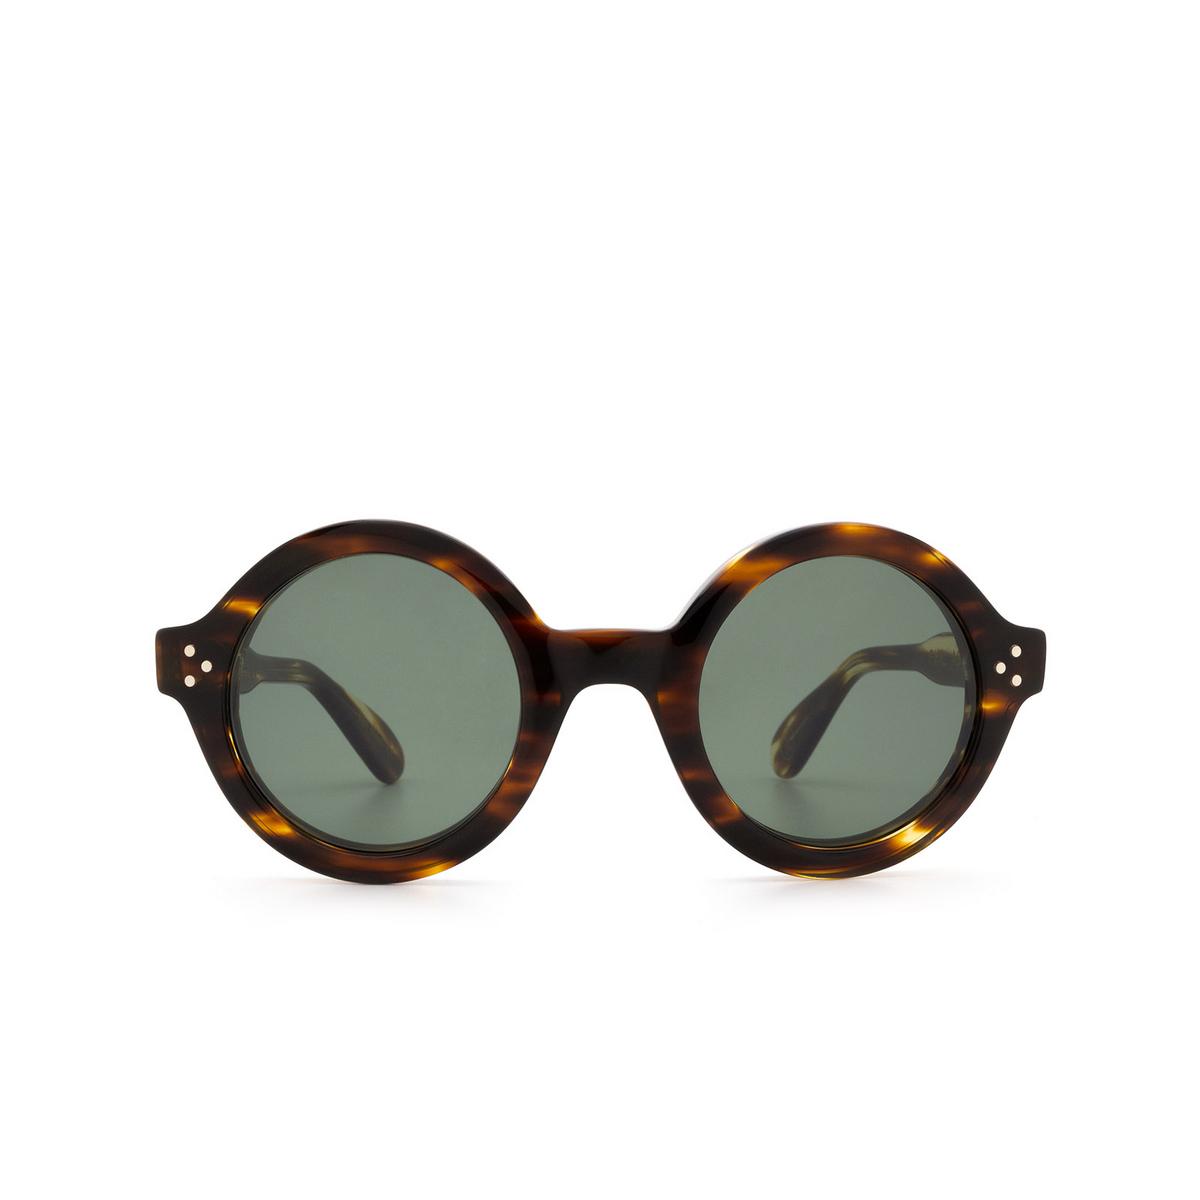 Lesca® Round Sunglasses: Phil Sun color Light Tortoise Tortoise A8 - front view.